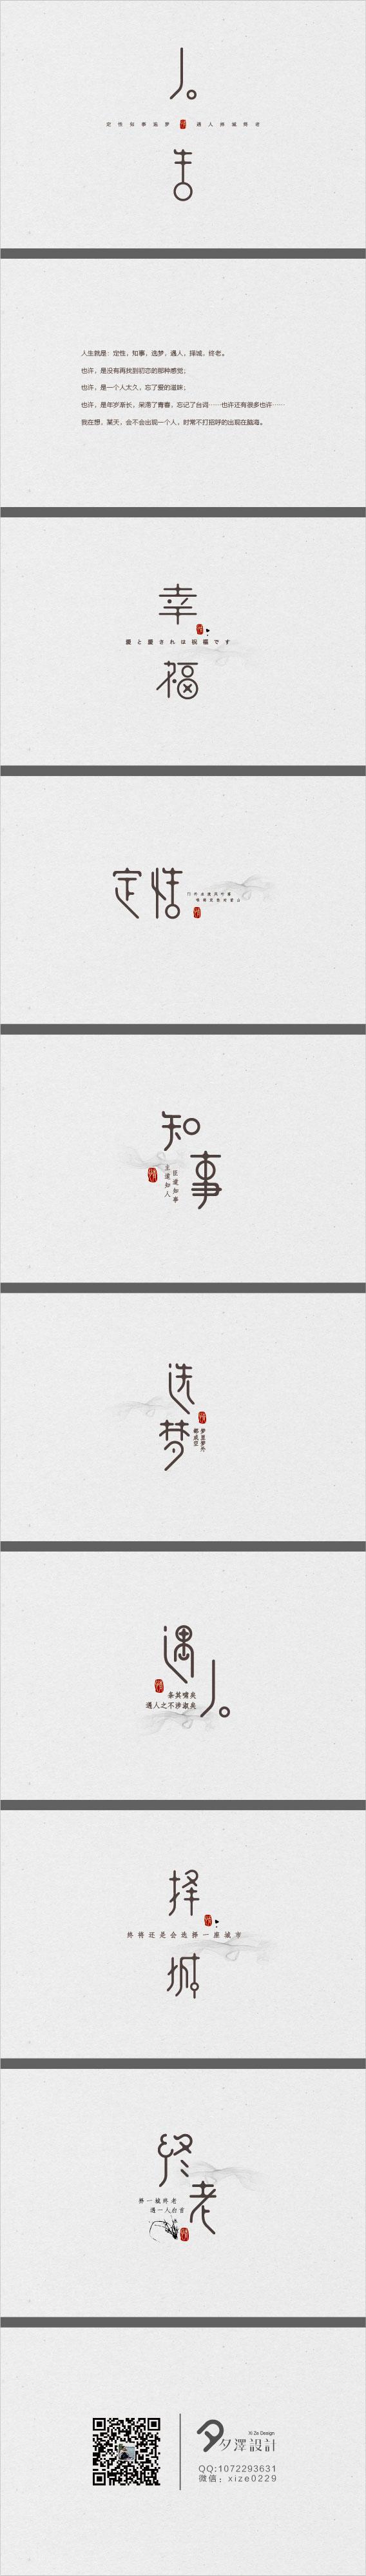 字體設計7期/Jesse`夕泽